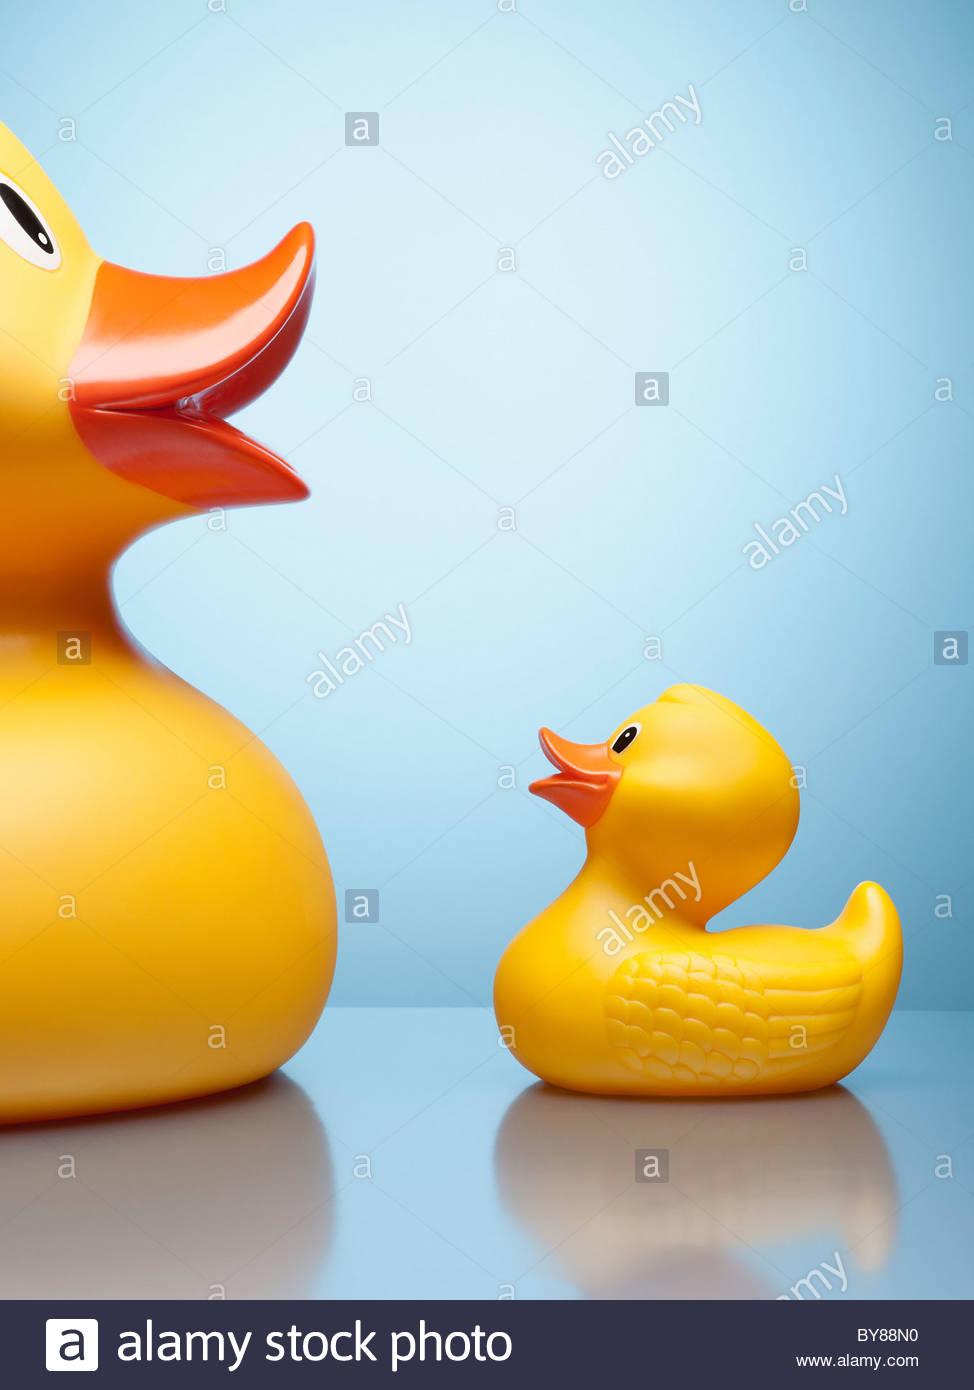 Grands et petits canards en caoutchouc Photo Stock